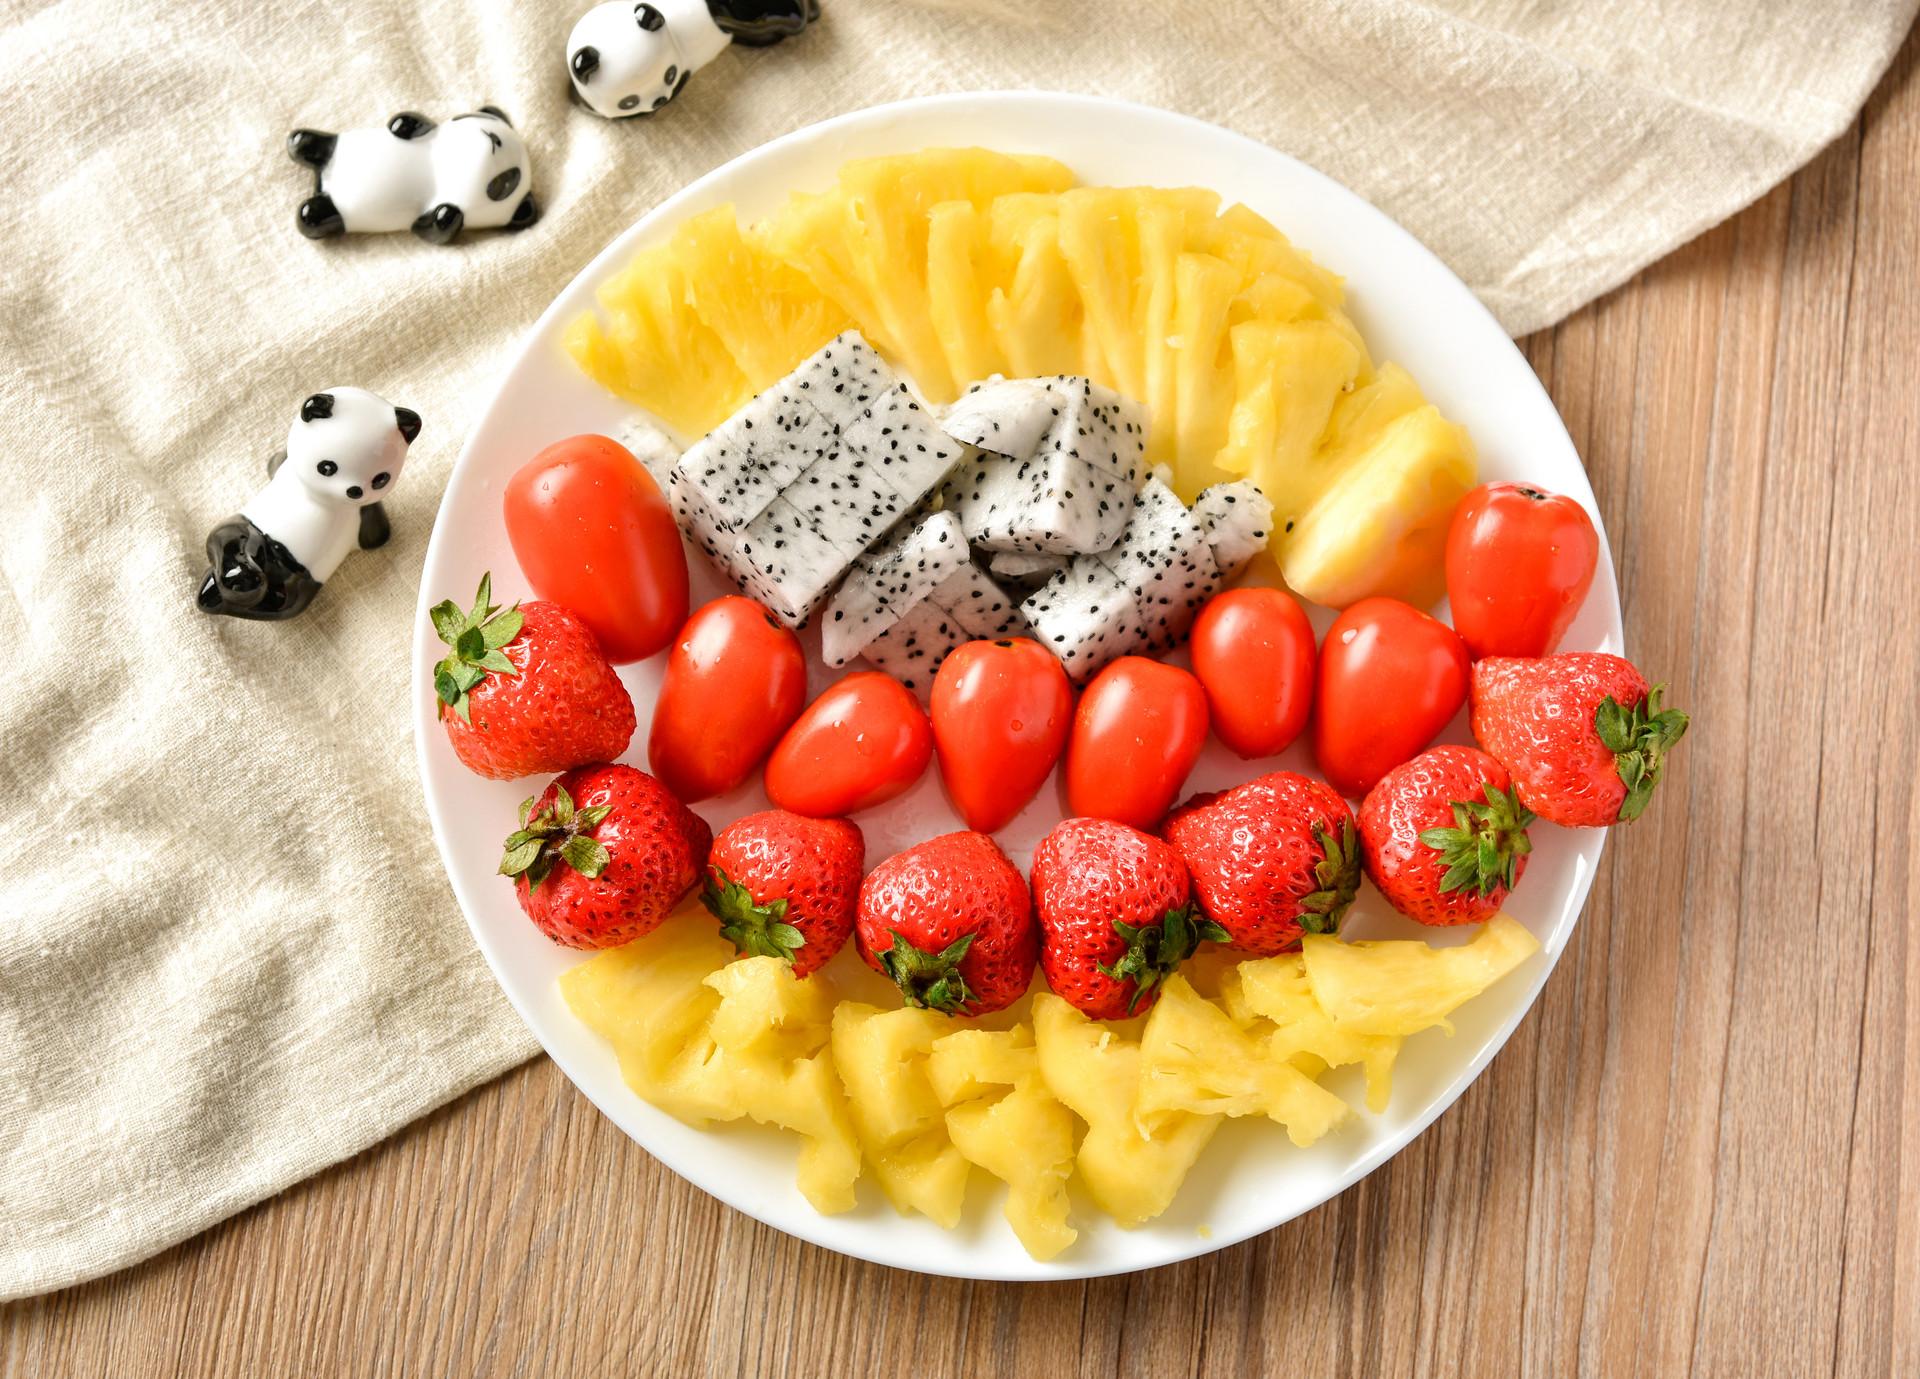 【水果对身体有什么好处】_吃水果_营养价值_益处... -大众养生网